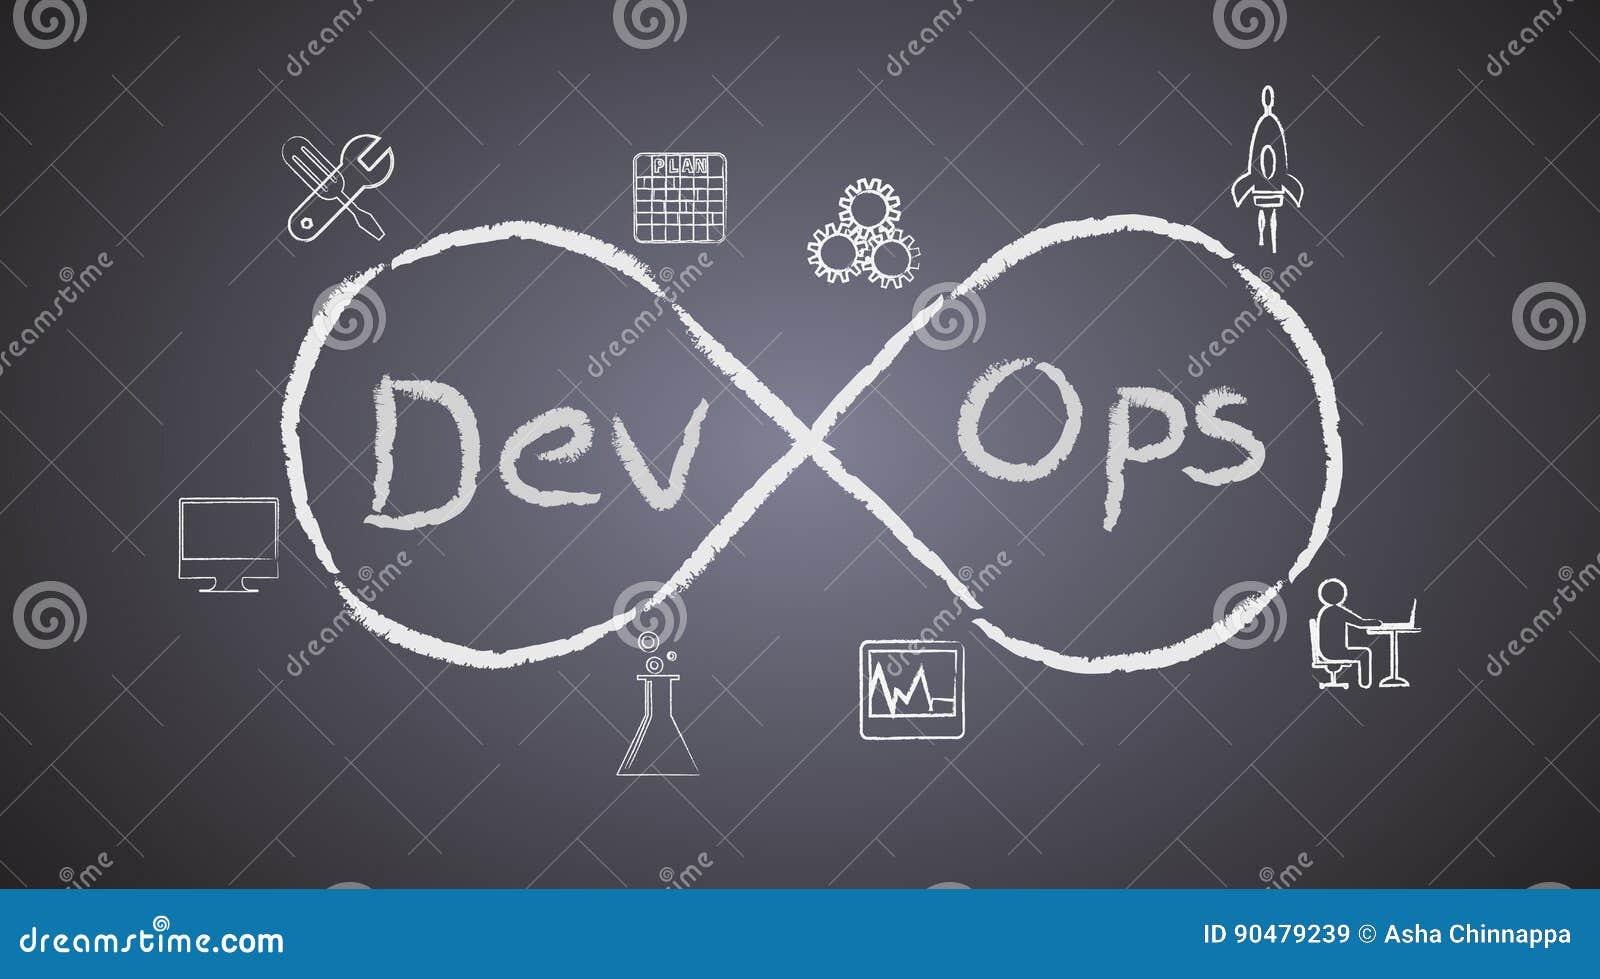 Pojęcie DevOps na blackboard tle, ilustruje proces oprogramowanie rozwój i operacje pracują wpólnie dokonują